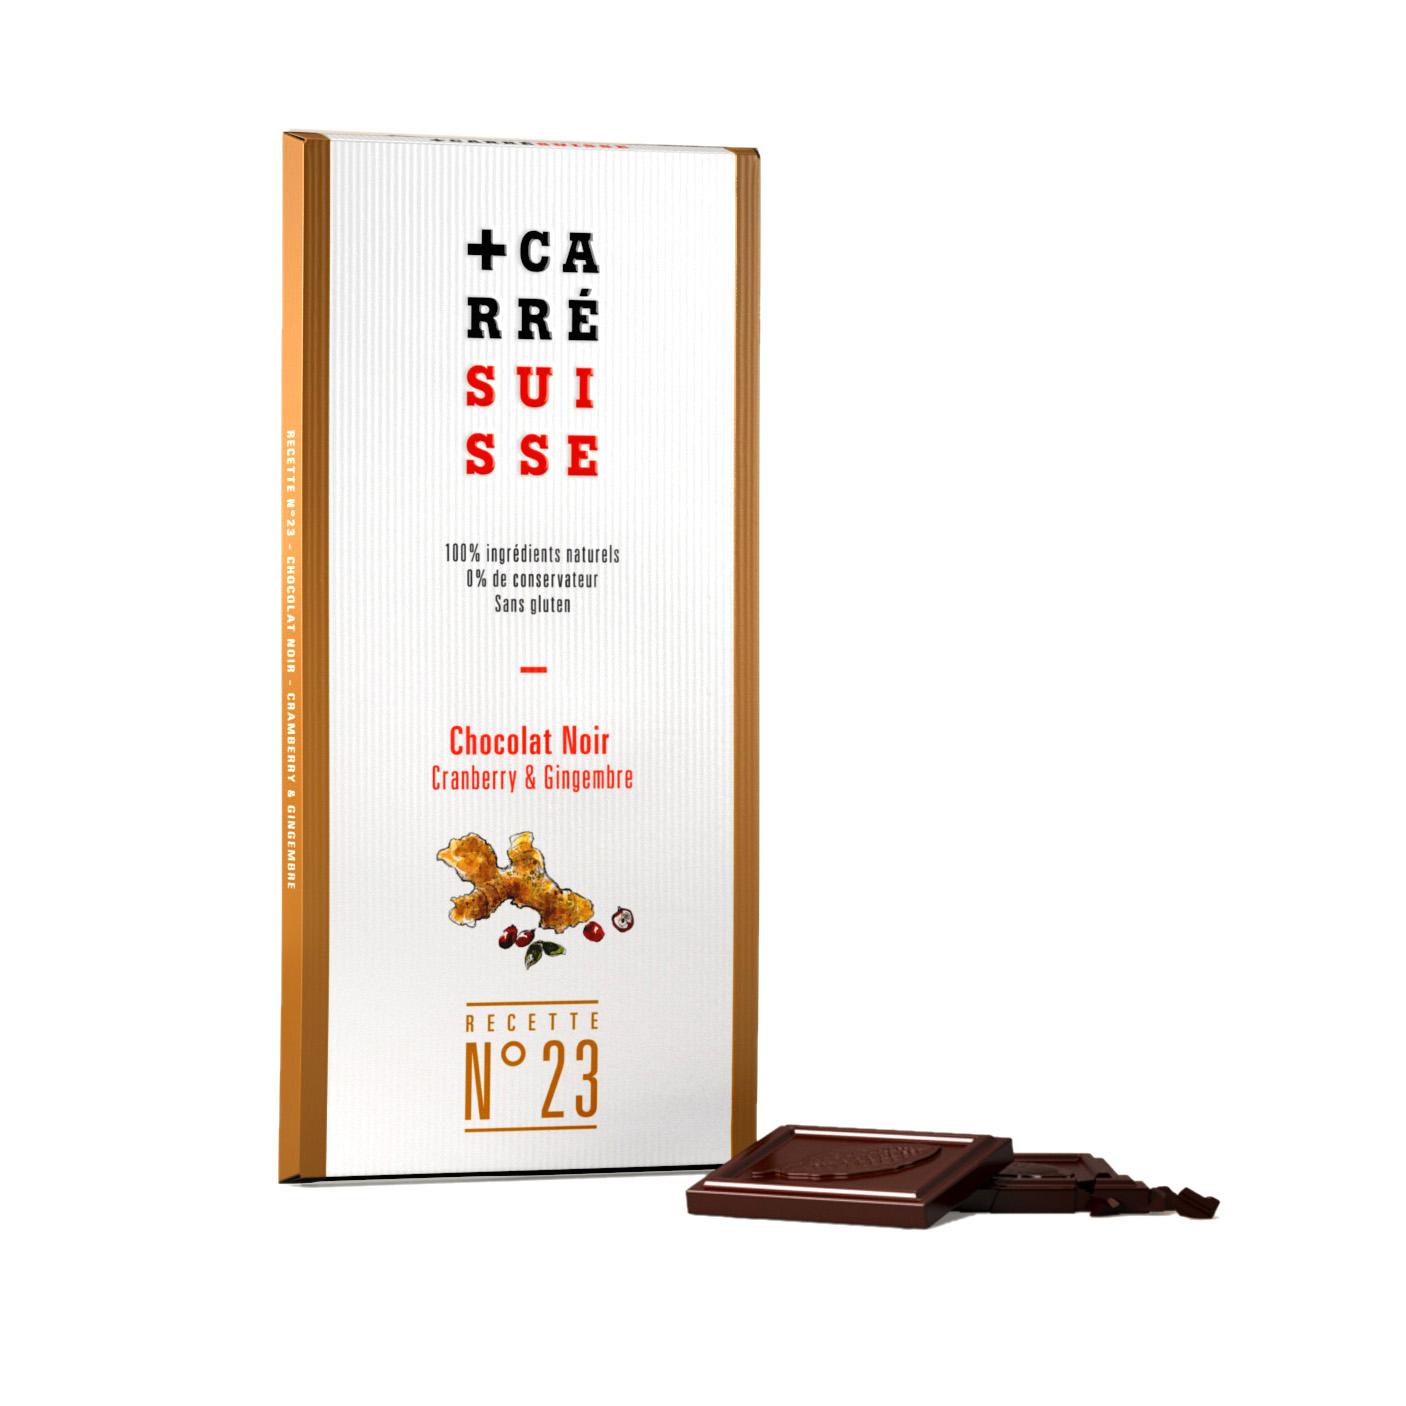 Chocolat noir 71%, cranberry & gingembre BIO, Carré Suisse (100 g)